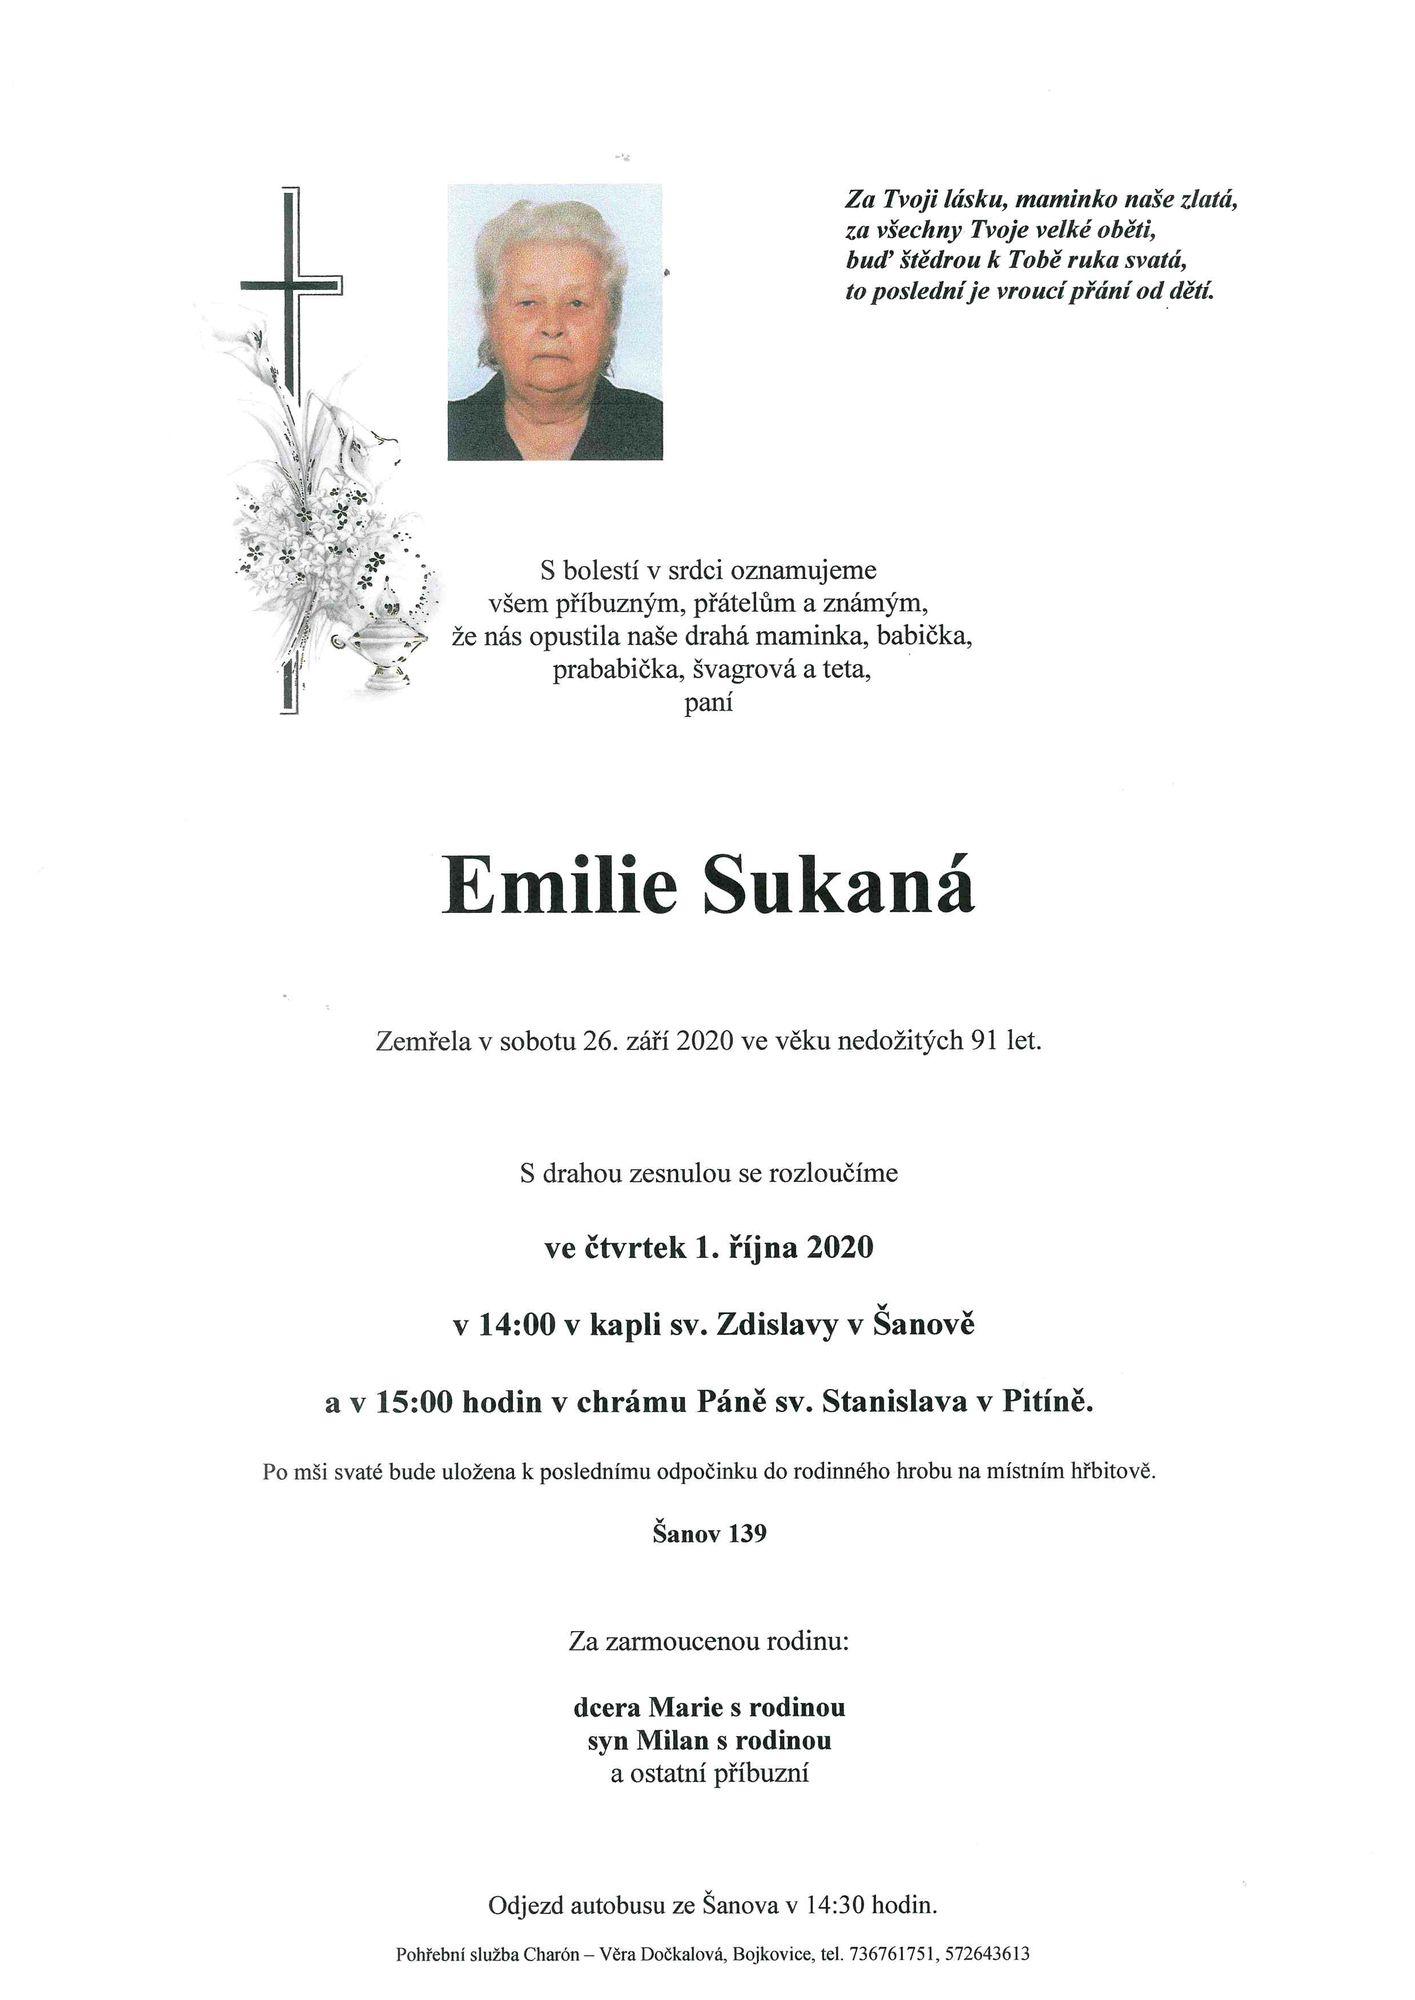 Emilie Sukaná